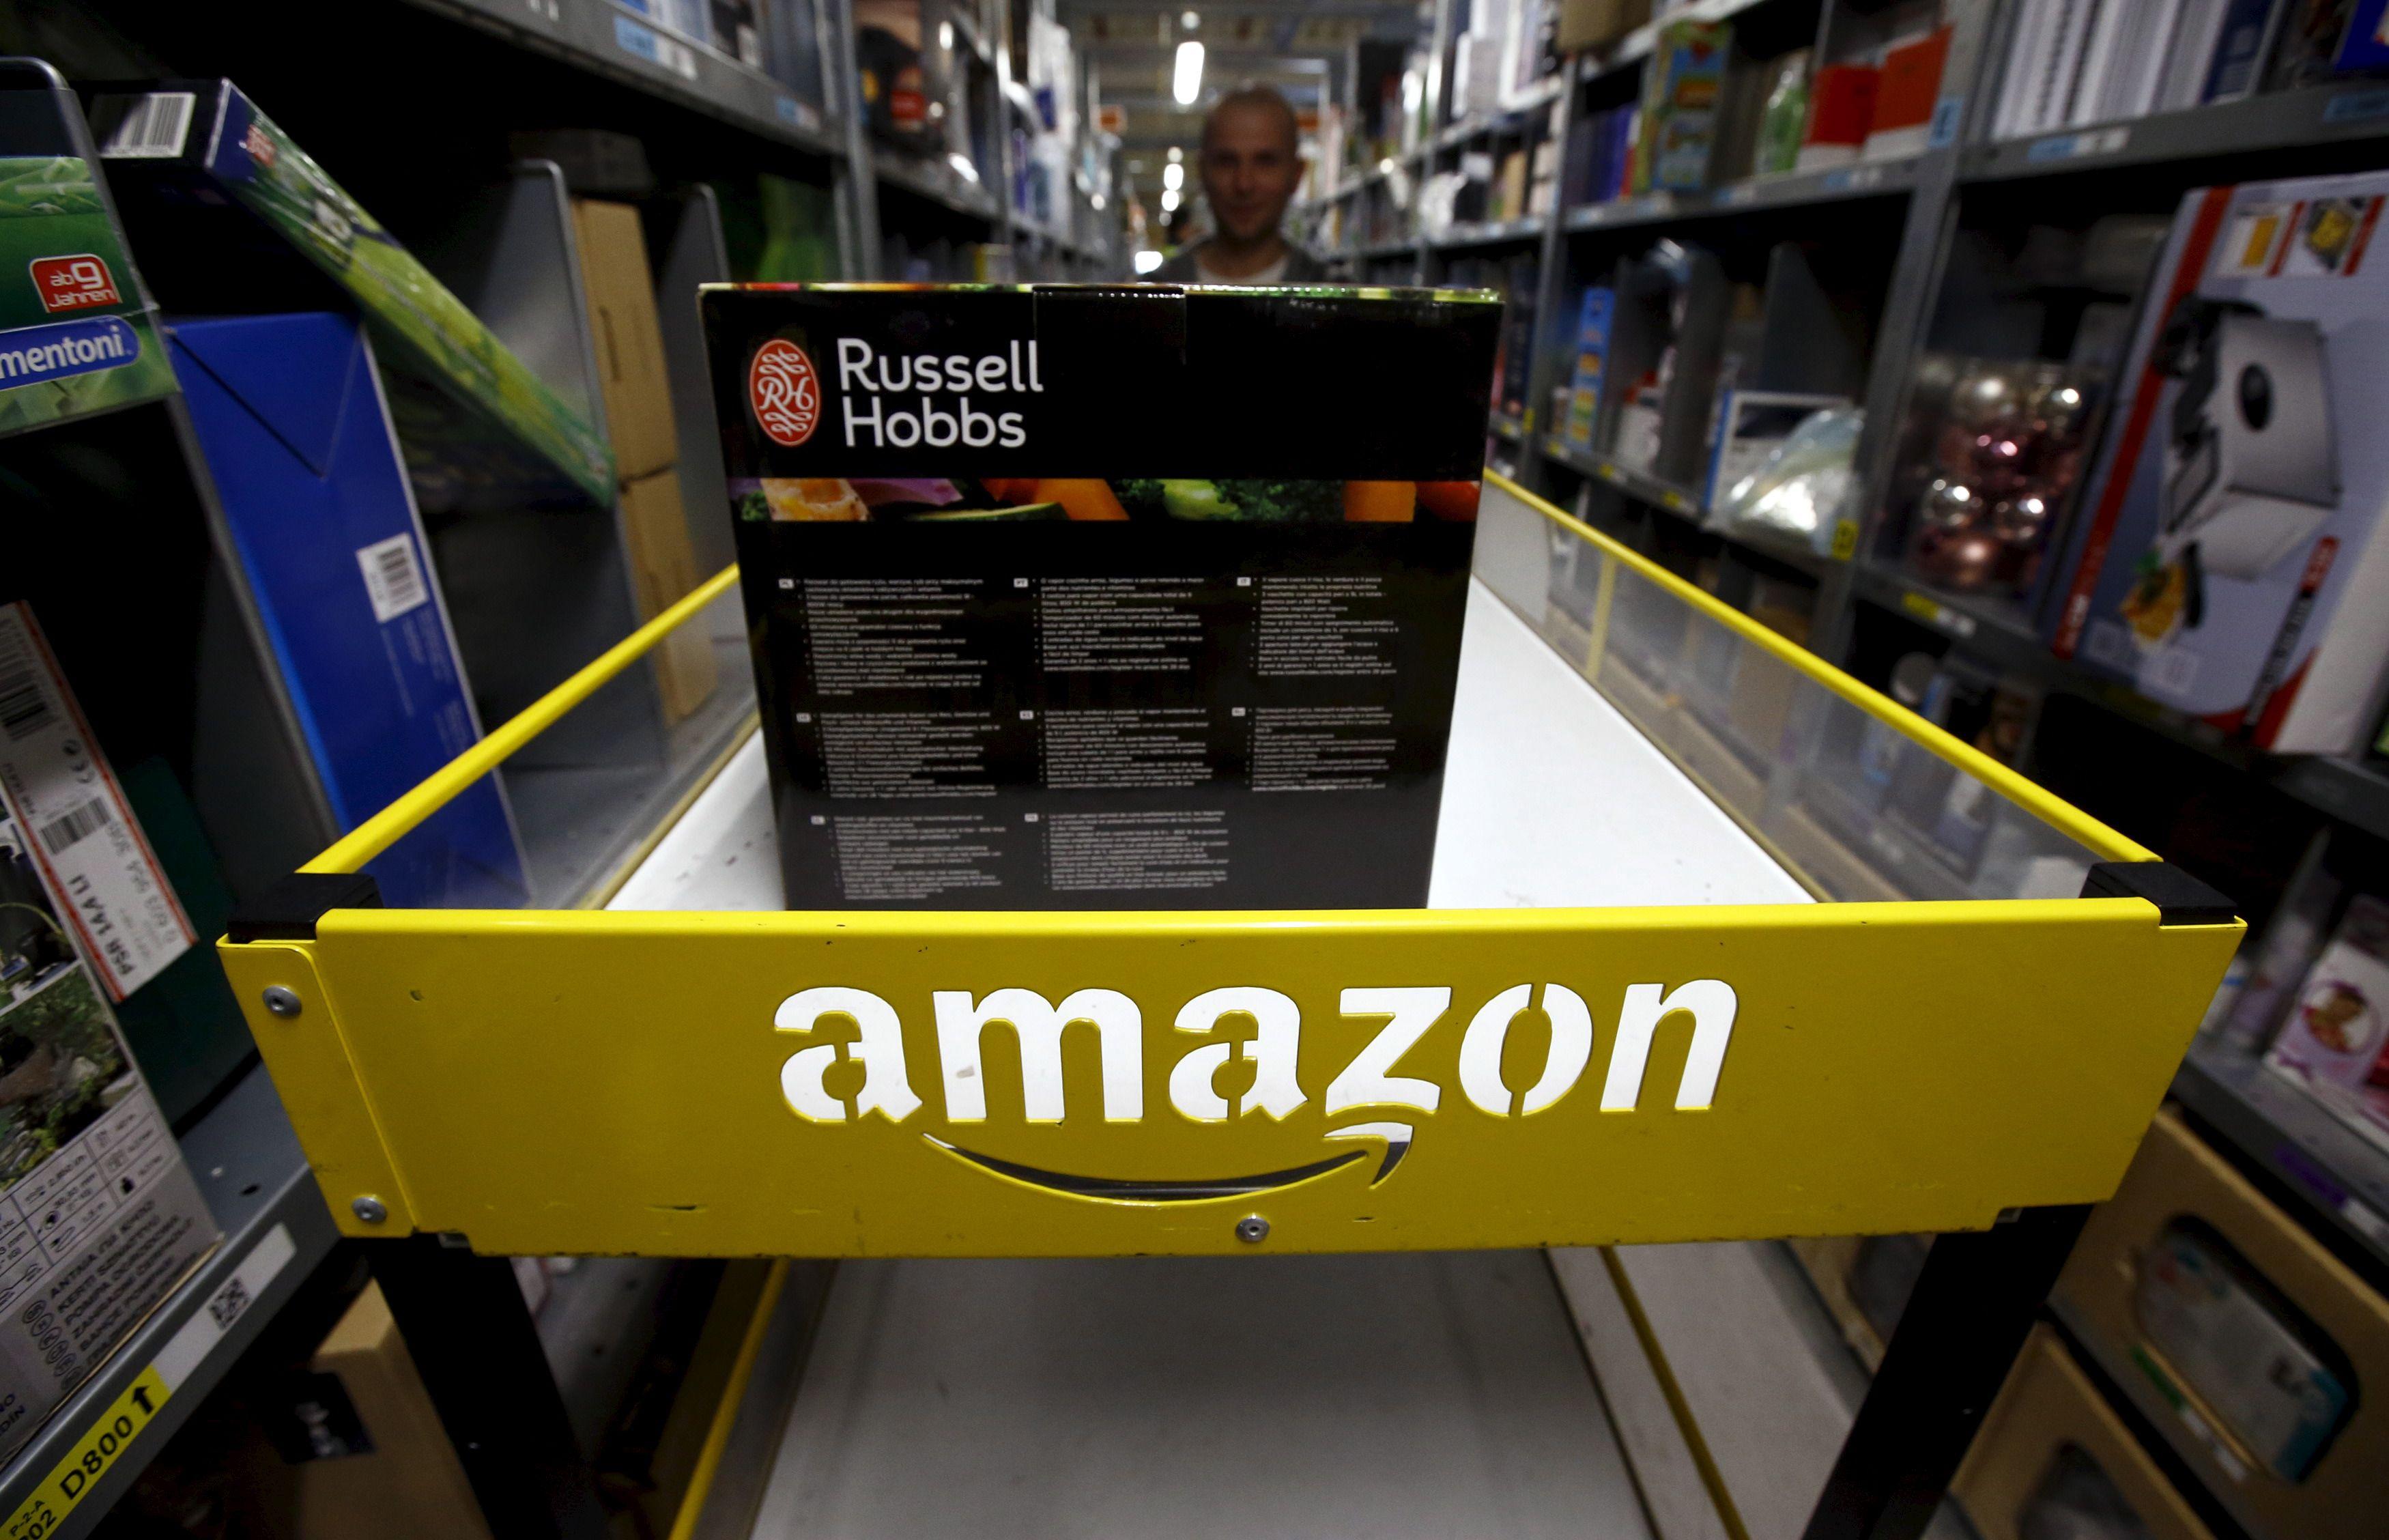 Amazon : Bercy réclame une amende de 10 millions d'euros pour des pratiques abusives